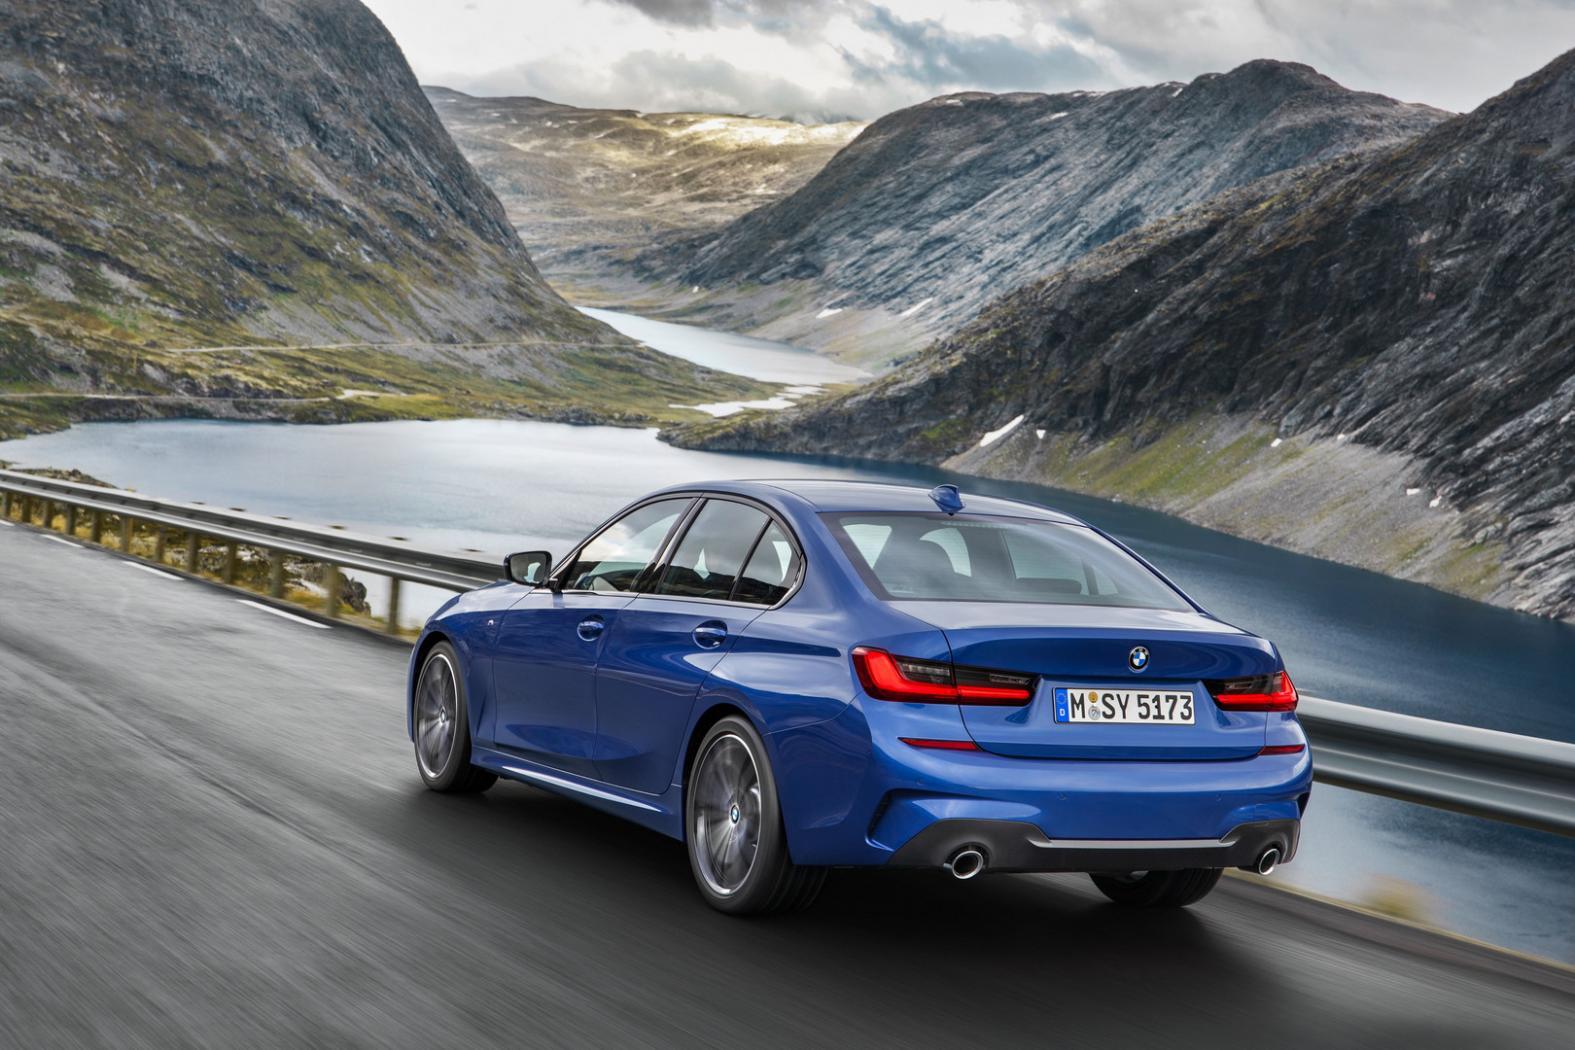 BMW-Serie-3--G20-une-nouvelle-generation-plus-sportive-et-mieux-equipee-7.jpeg